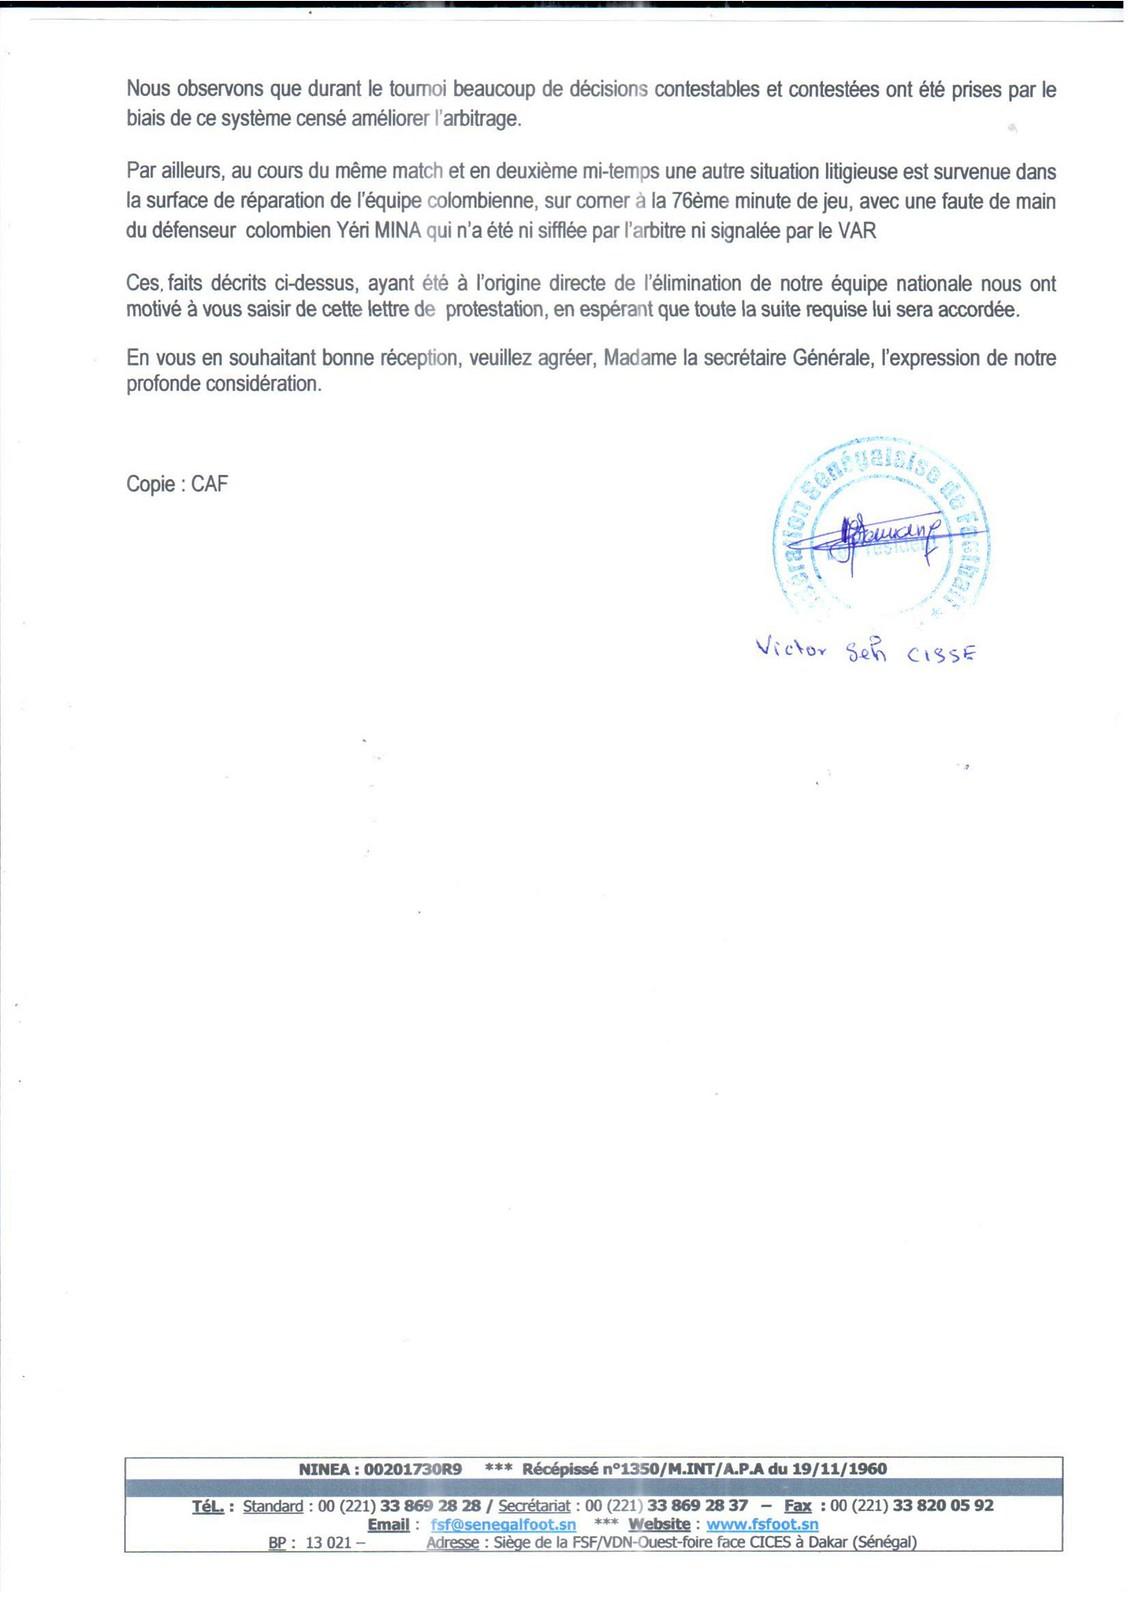 Lettre de Protestation de la Fédération Sénégalaise de Football adressée à la FIFA (1)